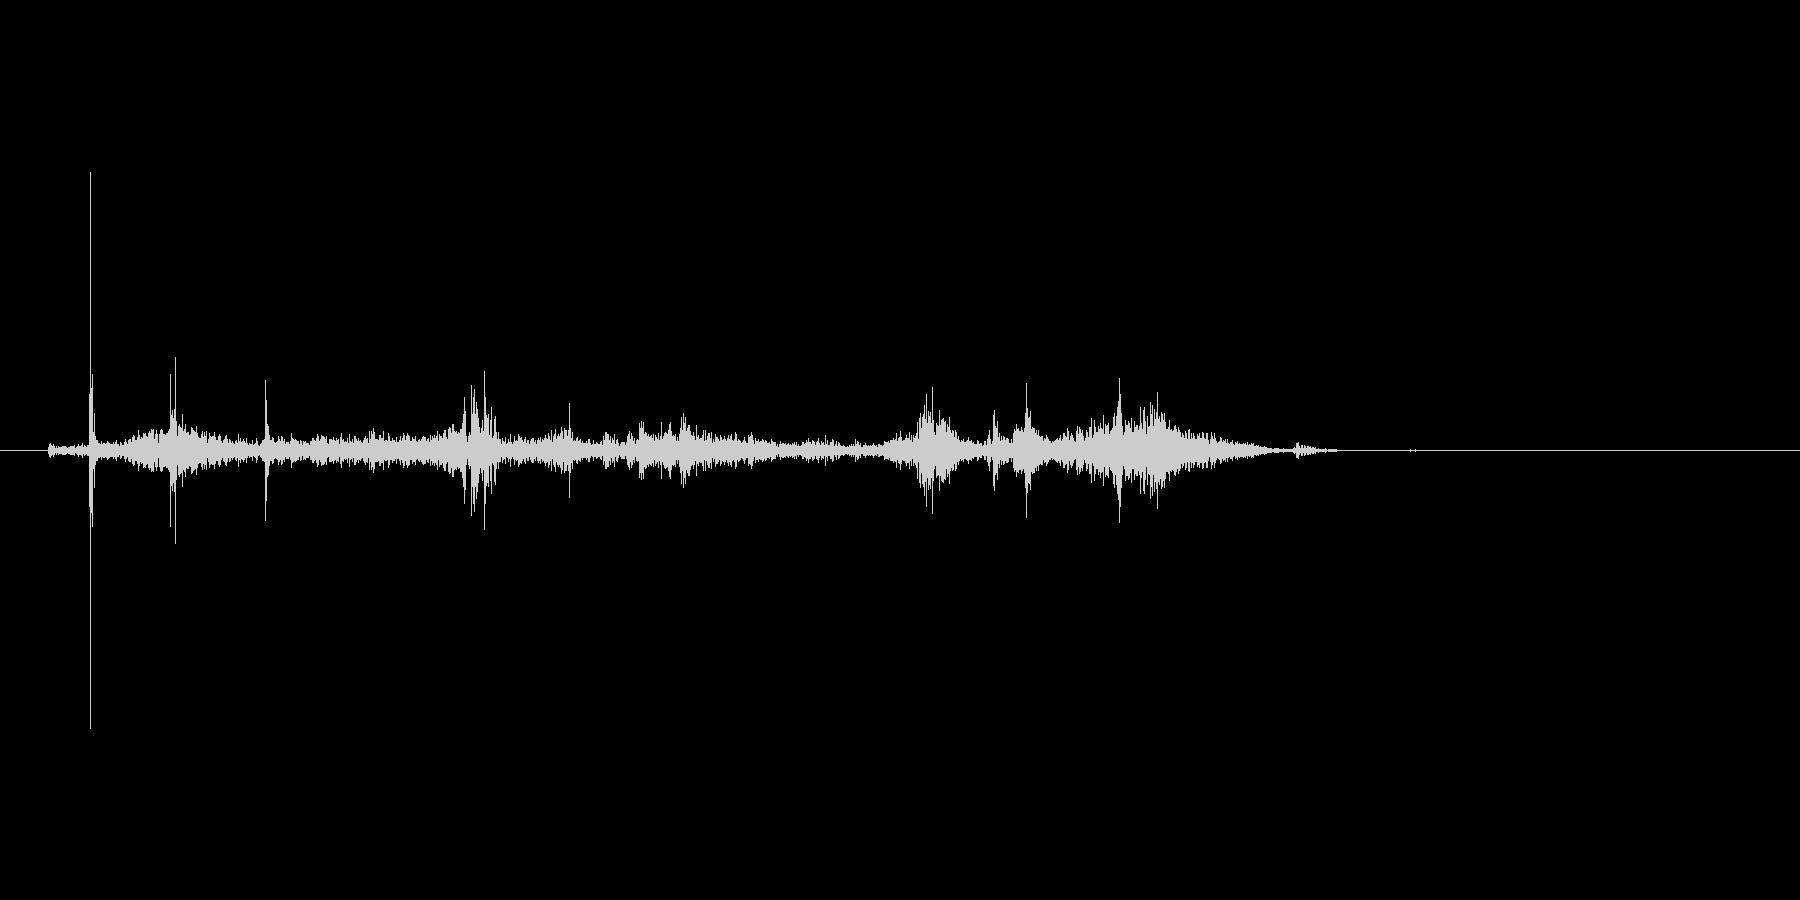 カサカサッ(封筒、開封、紙)の未再生の波形